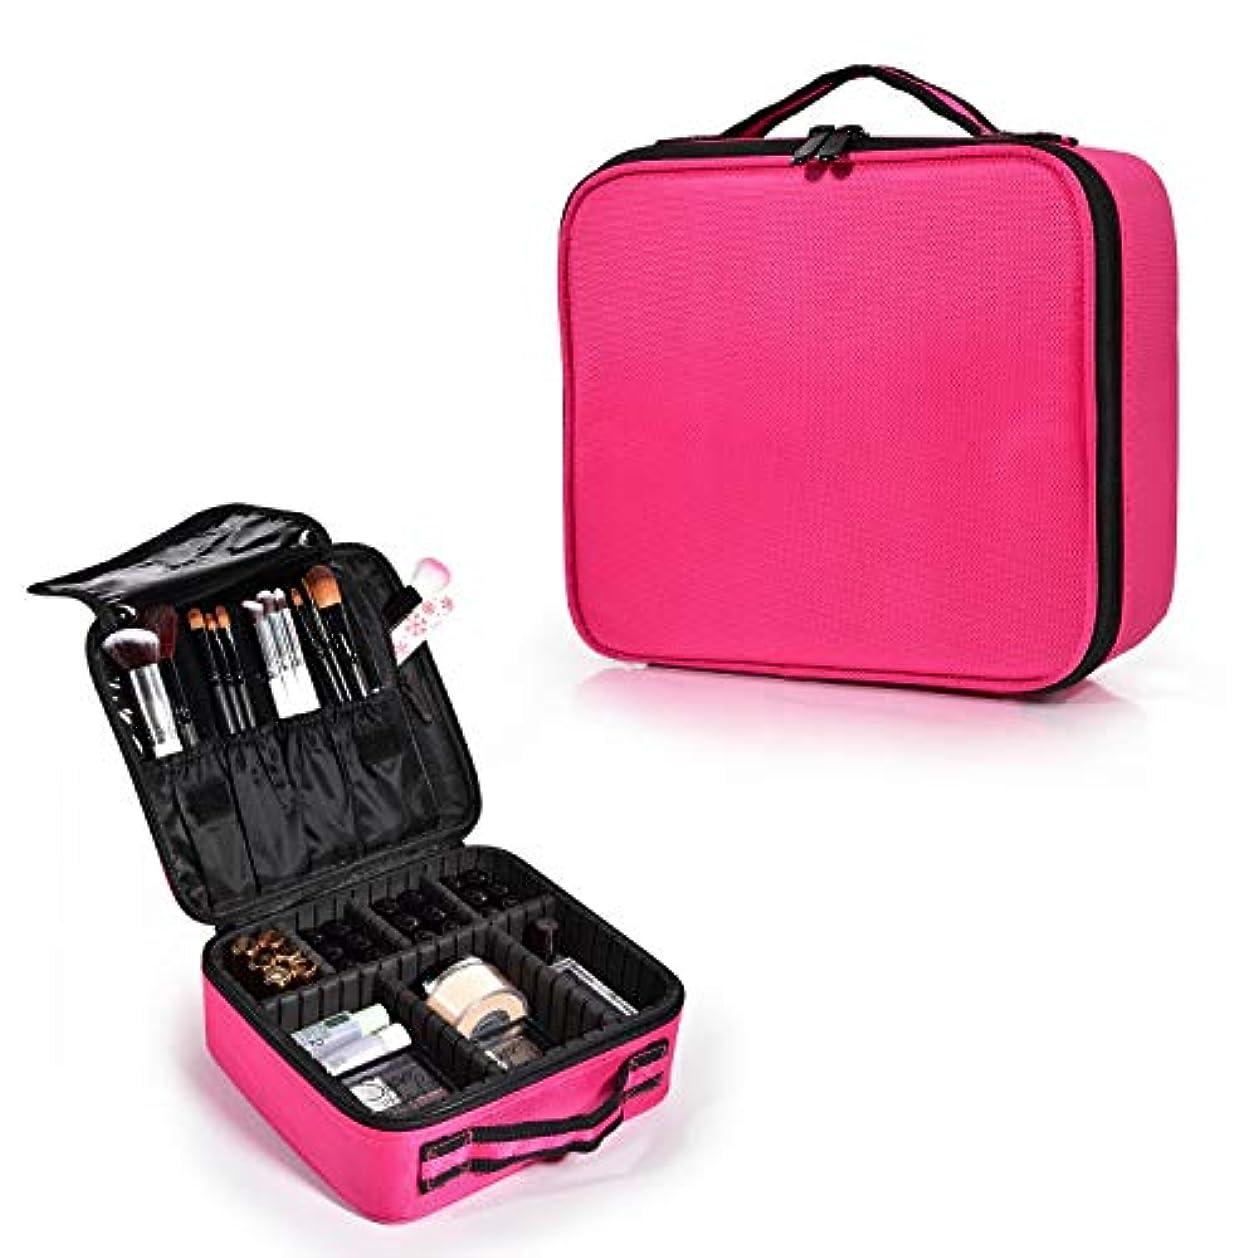 遺体安置所謎蓮Hapilife メイクボックス 化粧バッグ軽量で持ち運び可能 スーツケース トラベルバッグ 化粧 バッグ 調整可能なインサート収納袋